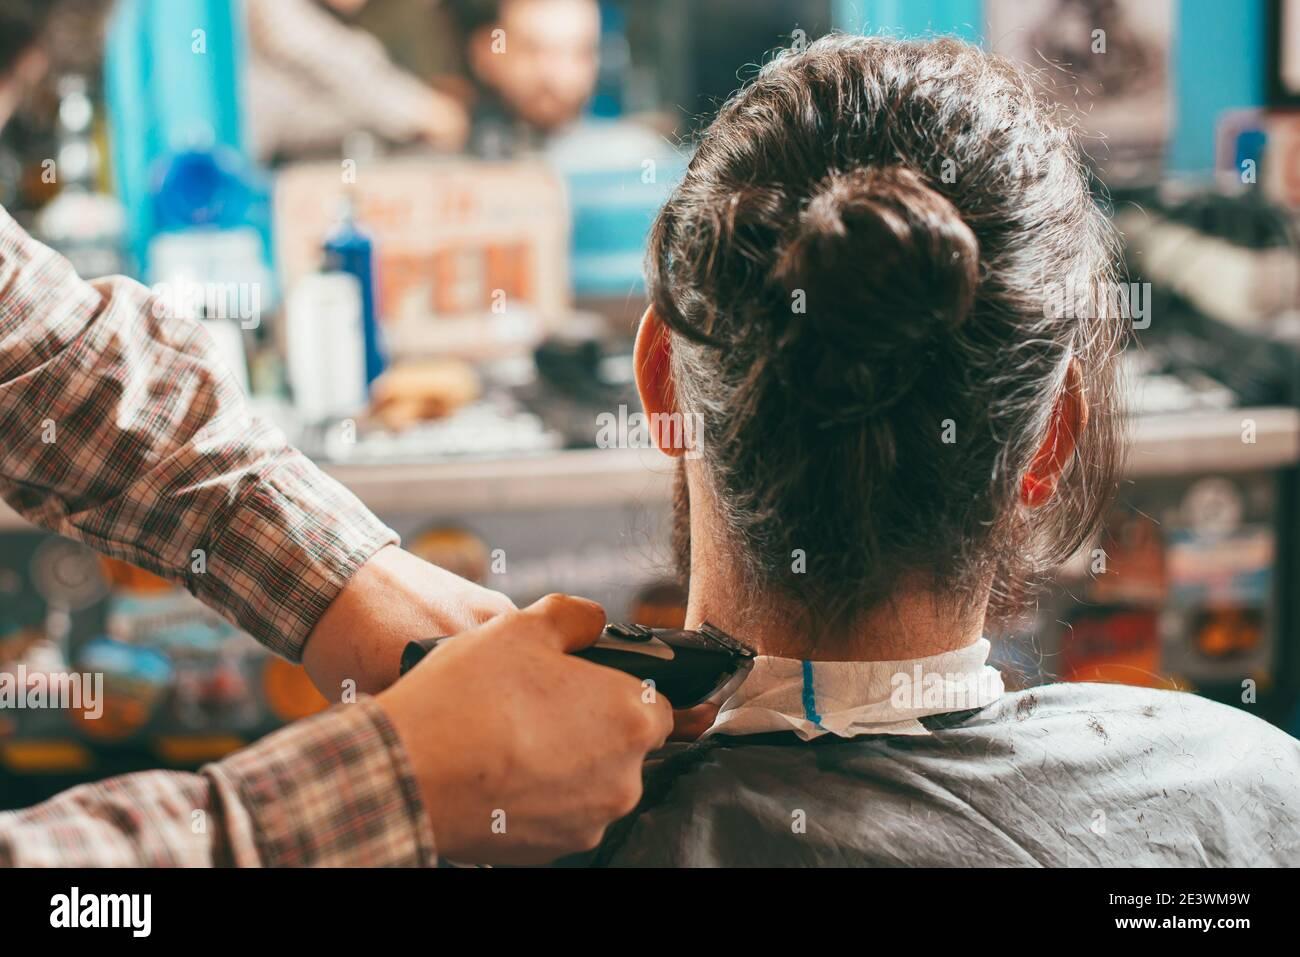 Foto de un hombre con corte de pelo en el salón de peluquería. Foto de stock